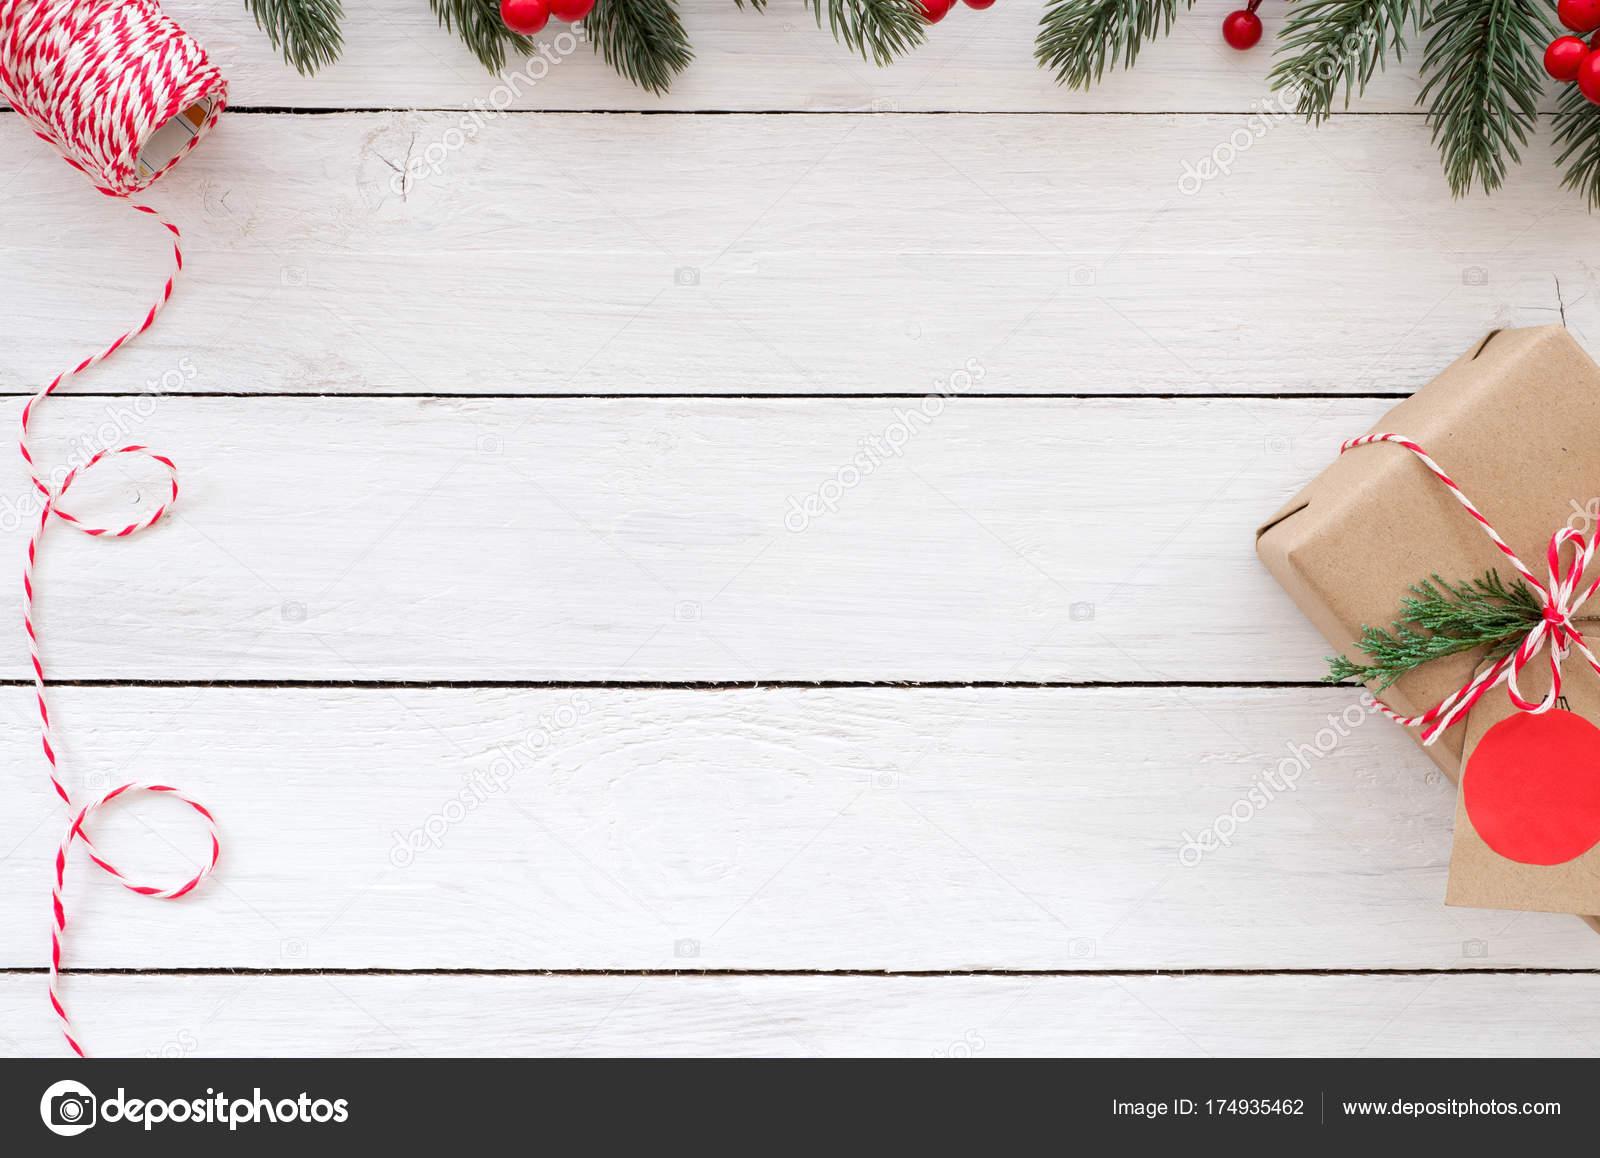 christmas background christmas gift box decorative elements white